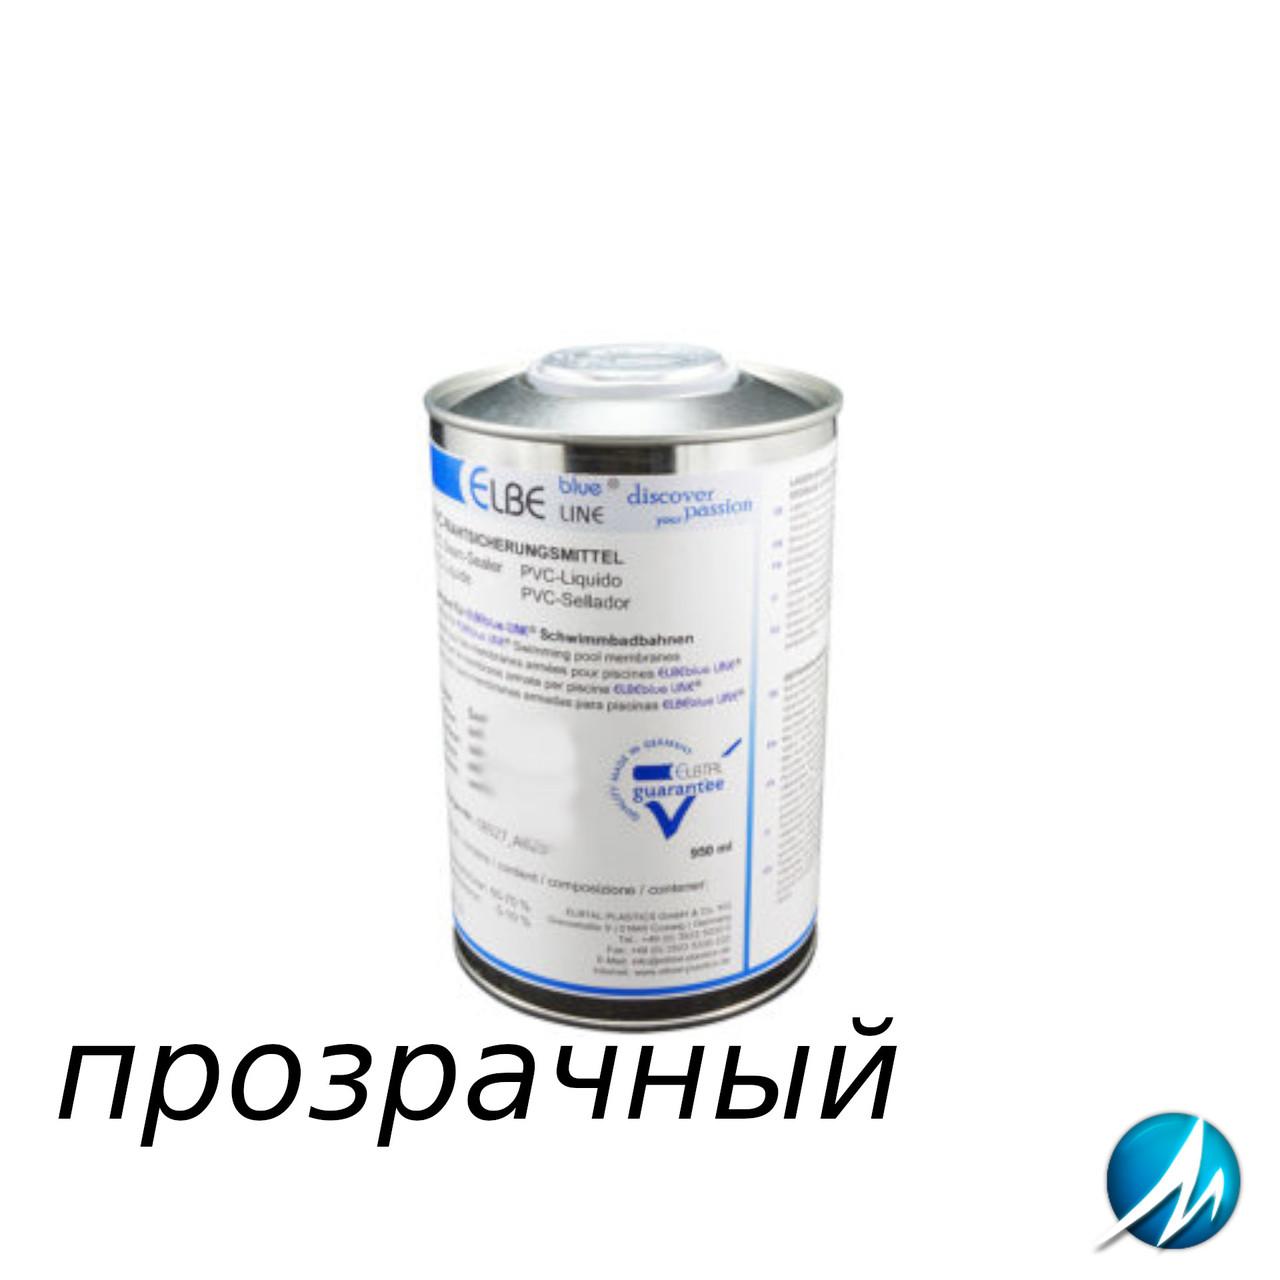 Жидкий ПВХ-герметик для швов Elbtal Plastics SUPRA transparent прозрачный, цвет 027